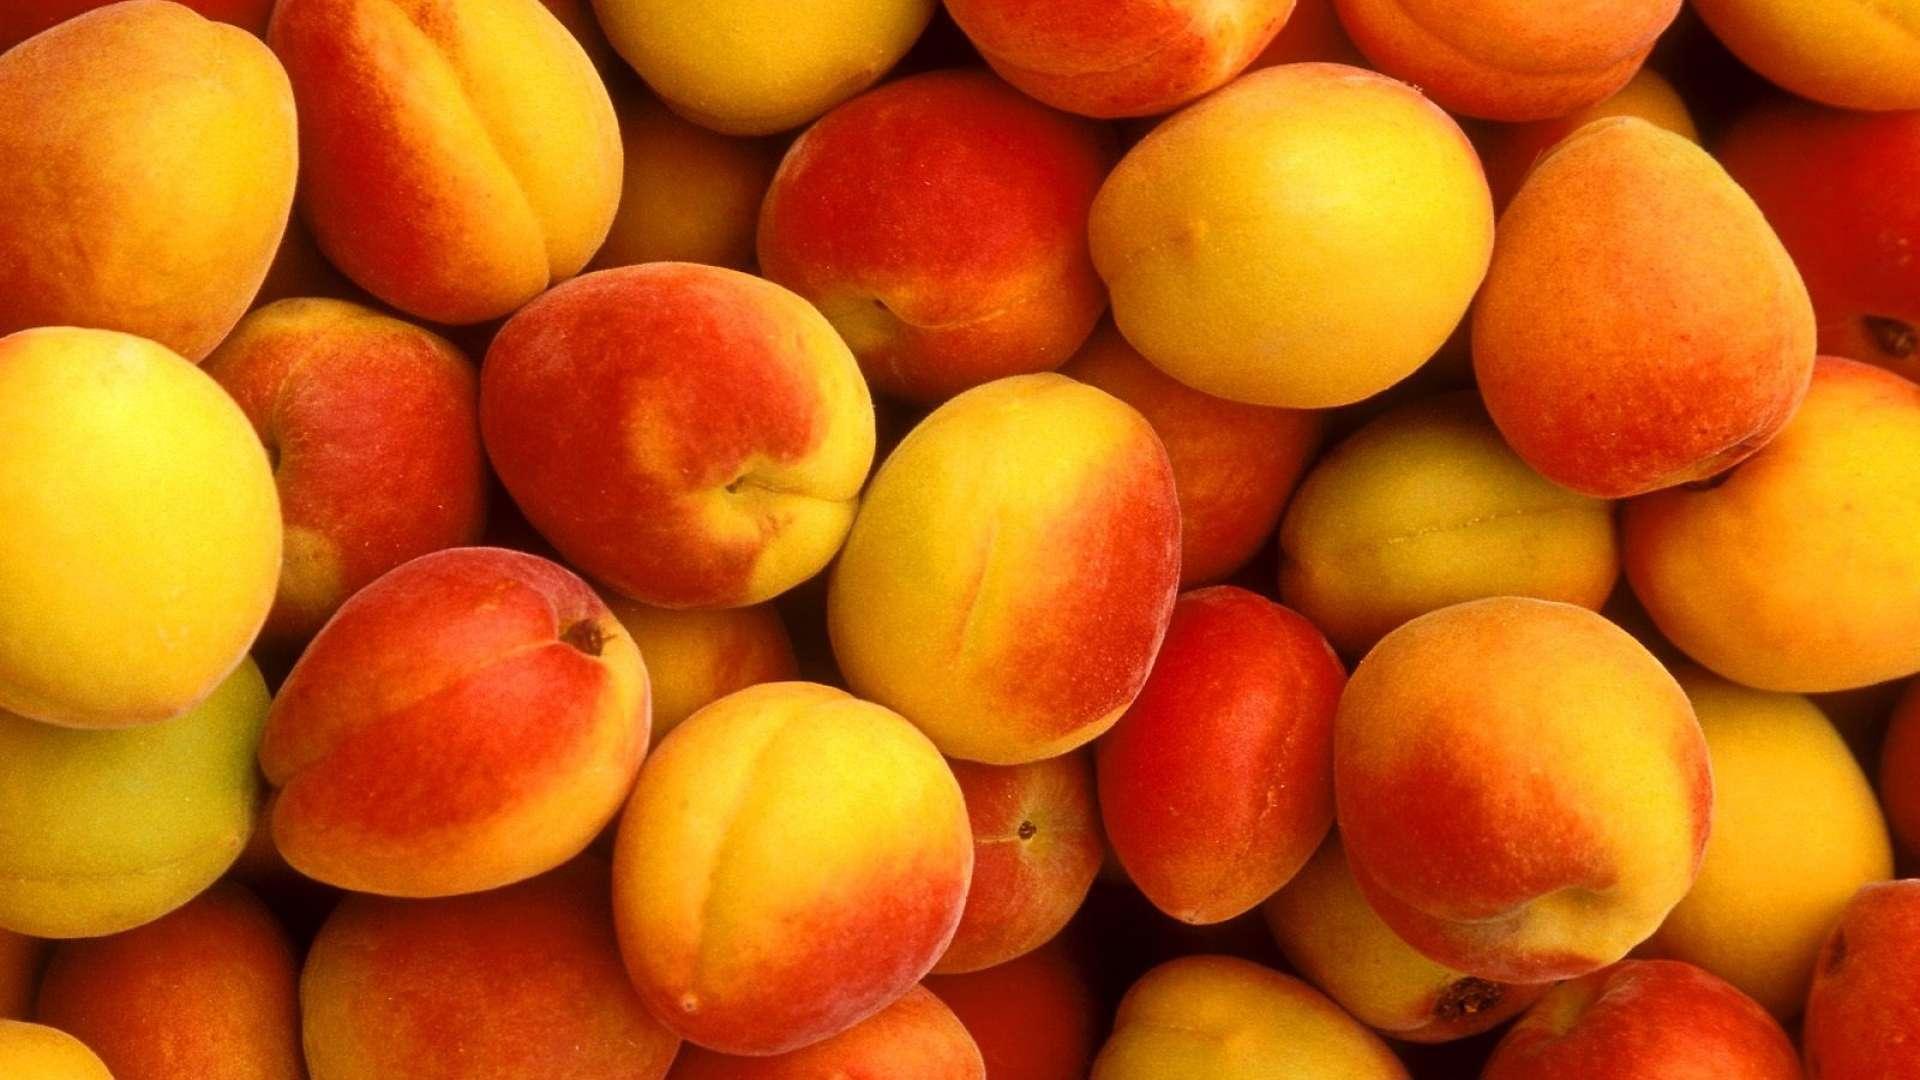 khubani , khubani ke fayde,benefits of apricot , benefits,apricot health benefits,health facts,apricot benefit for health,health,health benefits, apricot health benefits, apricot benefits